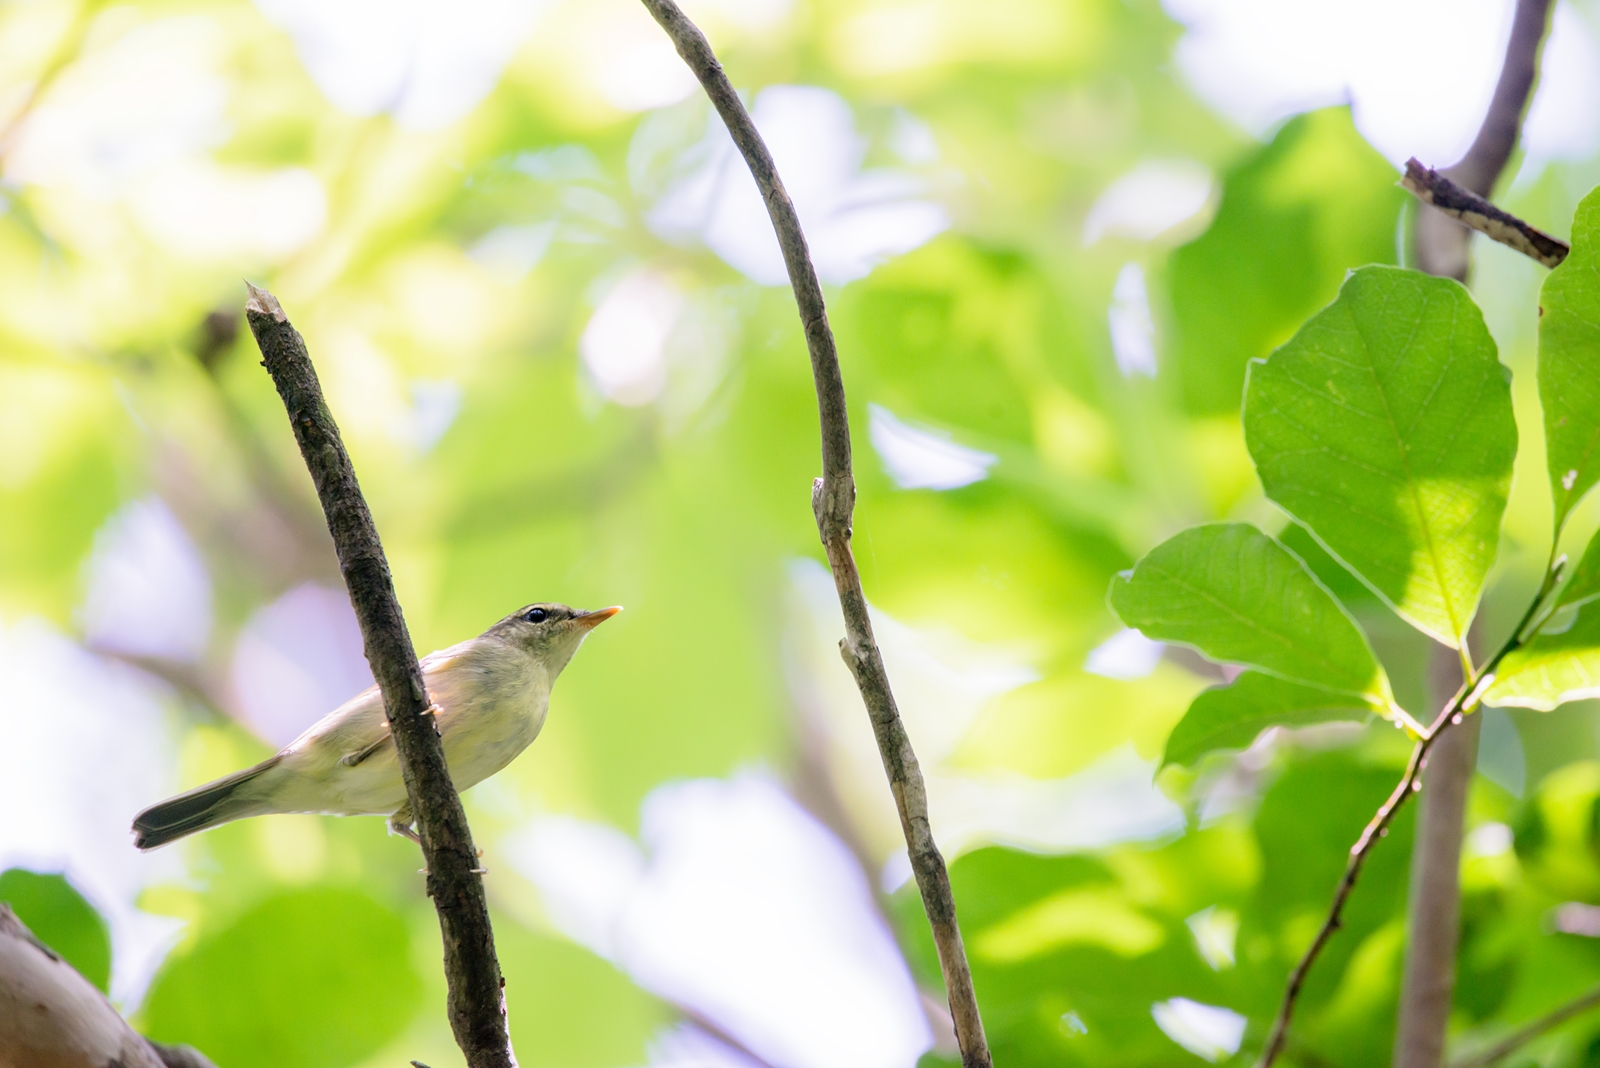 Photo: 緑の中を縫って Passes through the green forest.  森の中を流れる様に 木から木へと移っていく ふと立ち止まり見上げていると あっちへこっちへ 忙しそうに駆け回る  Arctic warbler. (メボソムシクイ) ※判断が難しかったので 間違ってたらすみません。  #birdphotography #birds #cooljapan #kawaii #nikon #sigma  Nikon D800E SIGMA 150-600mm F5-6.3 DG OS HSM Contemporary